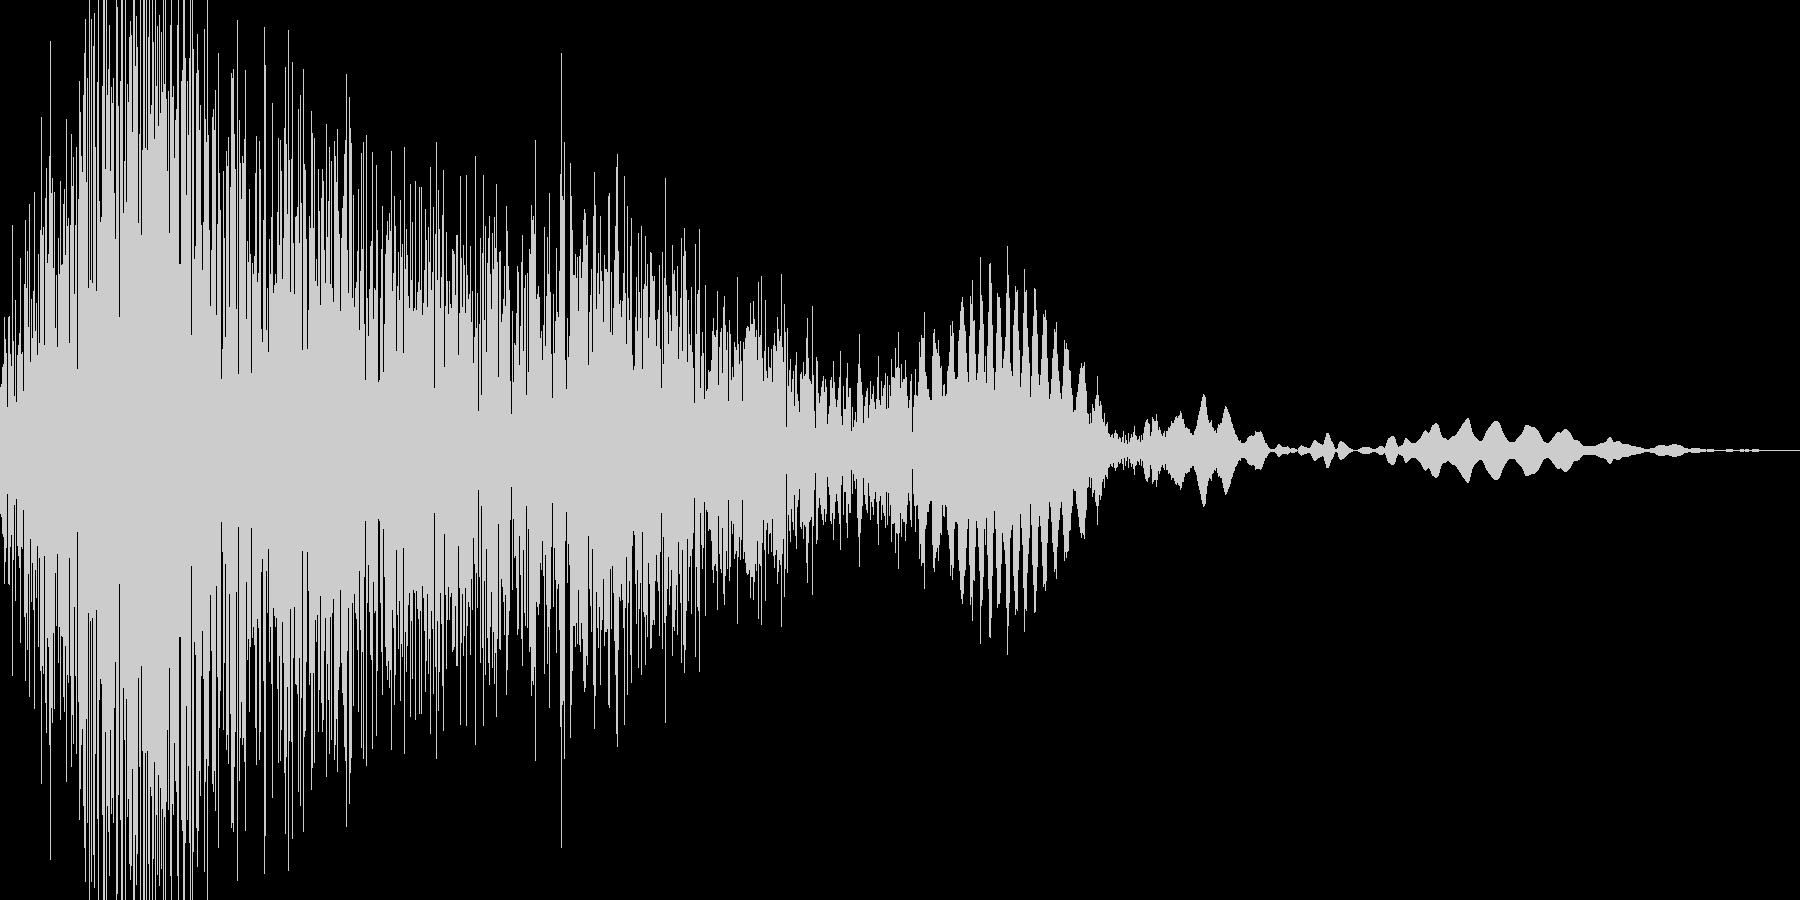 シュバッ!っと切り替わる感じの音ですの未再生の波形